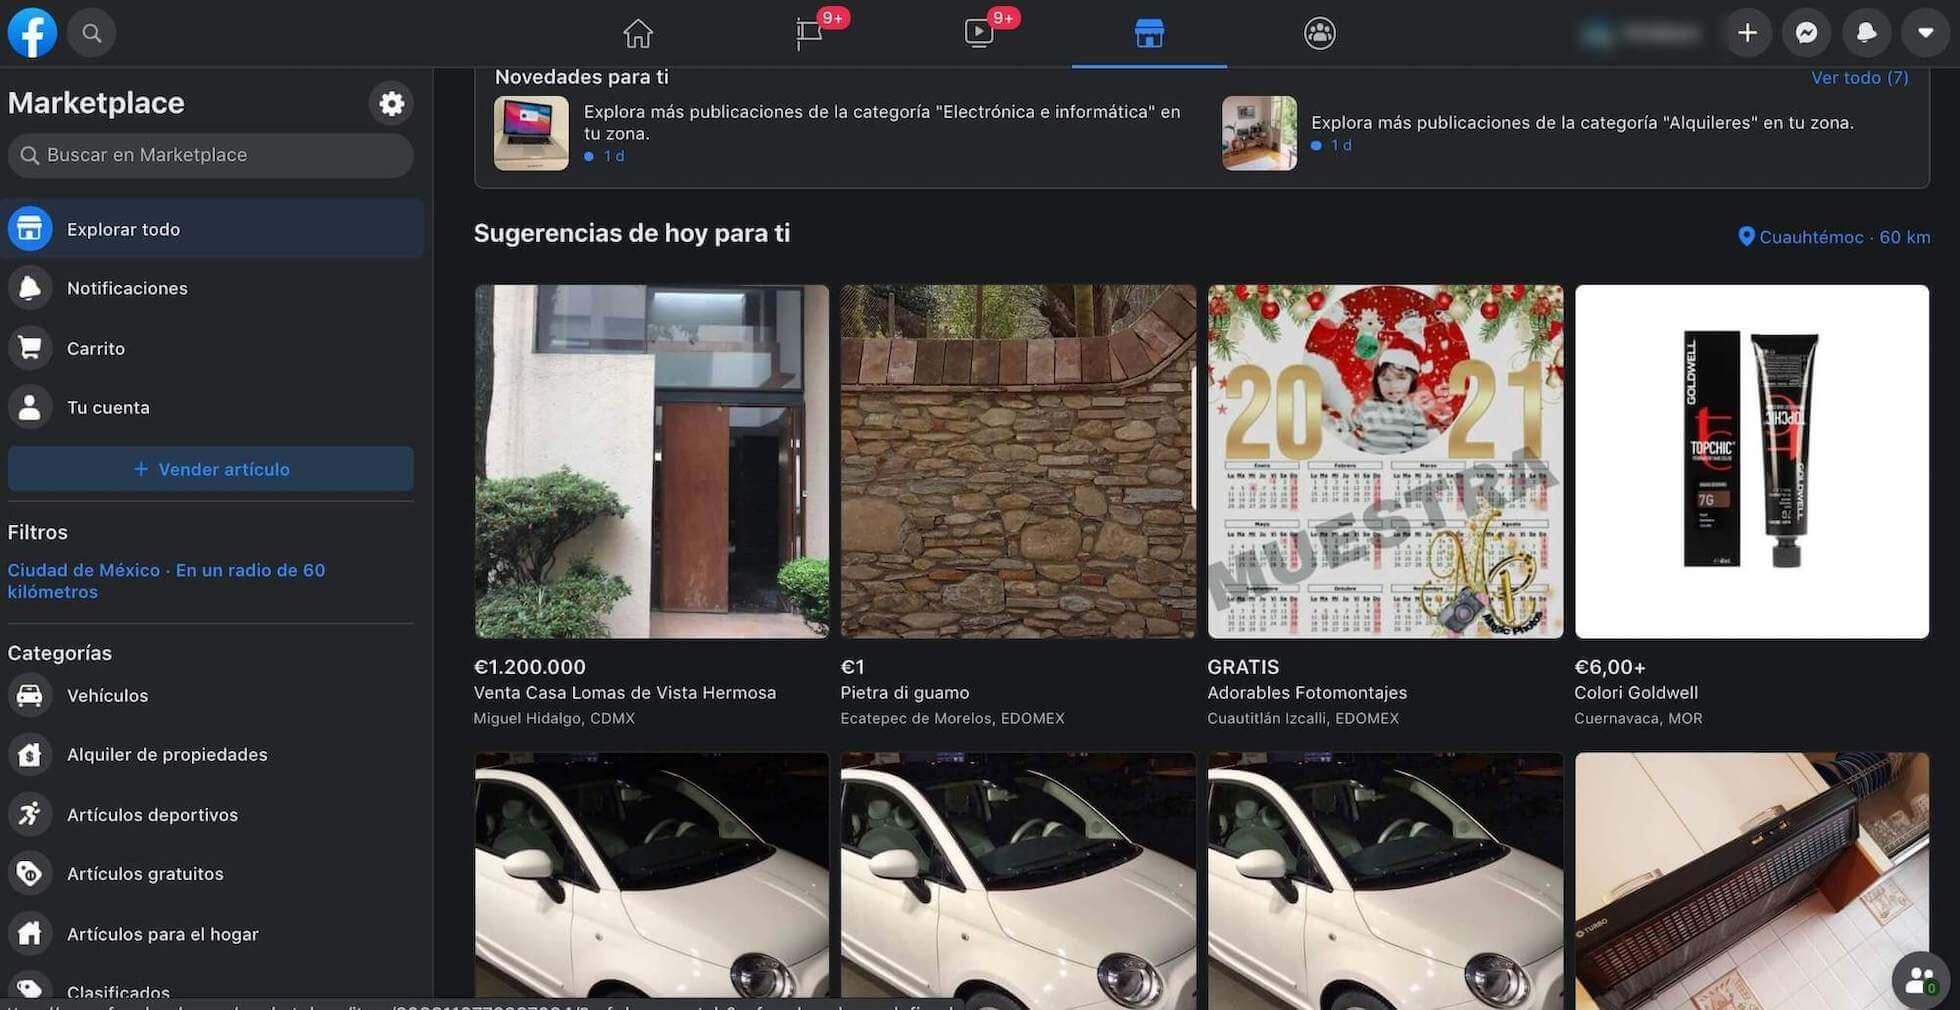 Ejemplo de publicidad C2C: Marketplace de Facebook